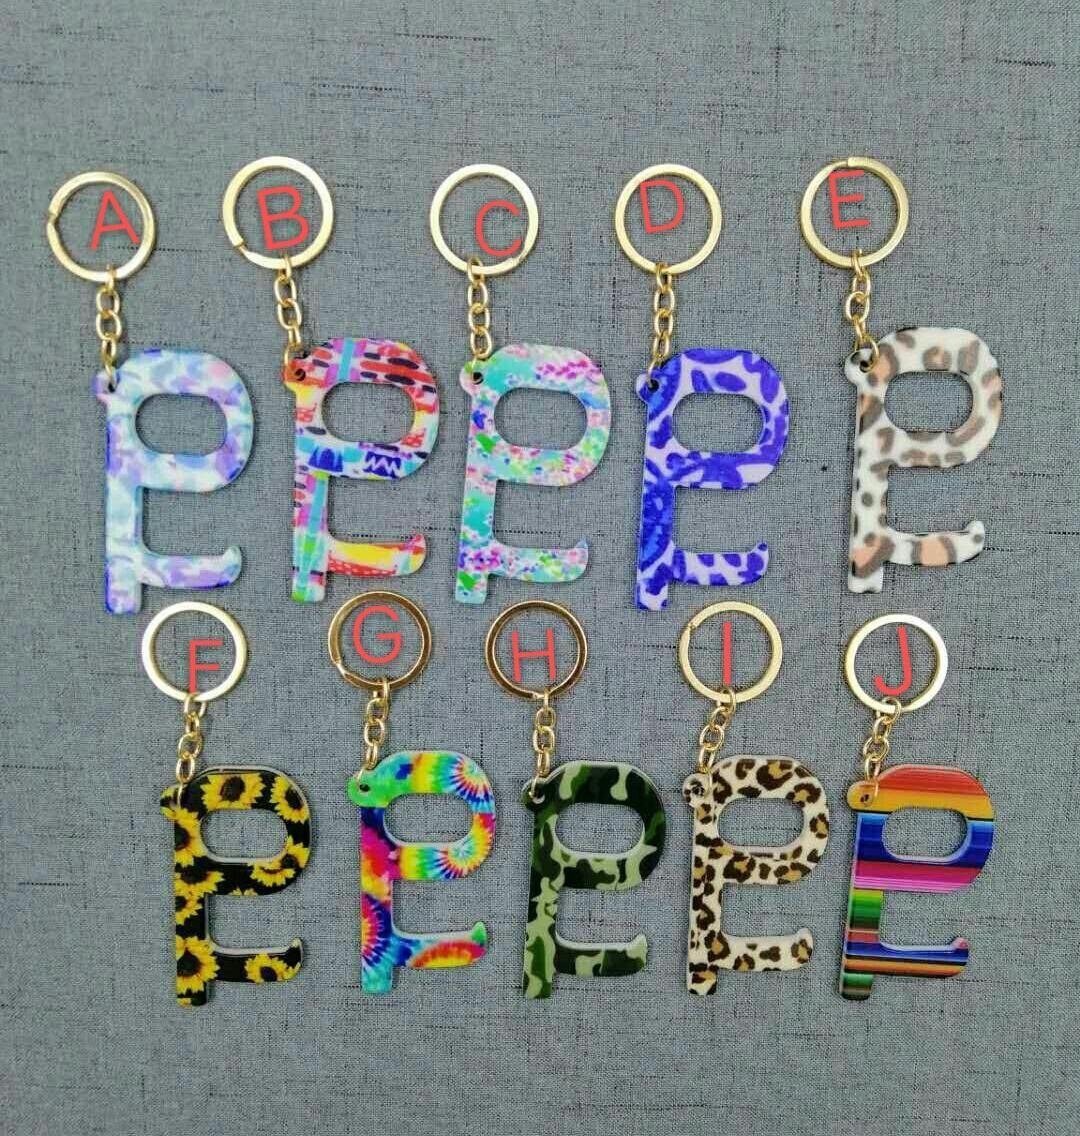 Акриловая No Touch дверь крюк Подсолнечное печати Бесконтактный отпирания двери Оптовая Акриловые Бесконтактный двери открывалка брелок